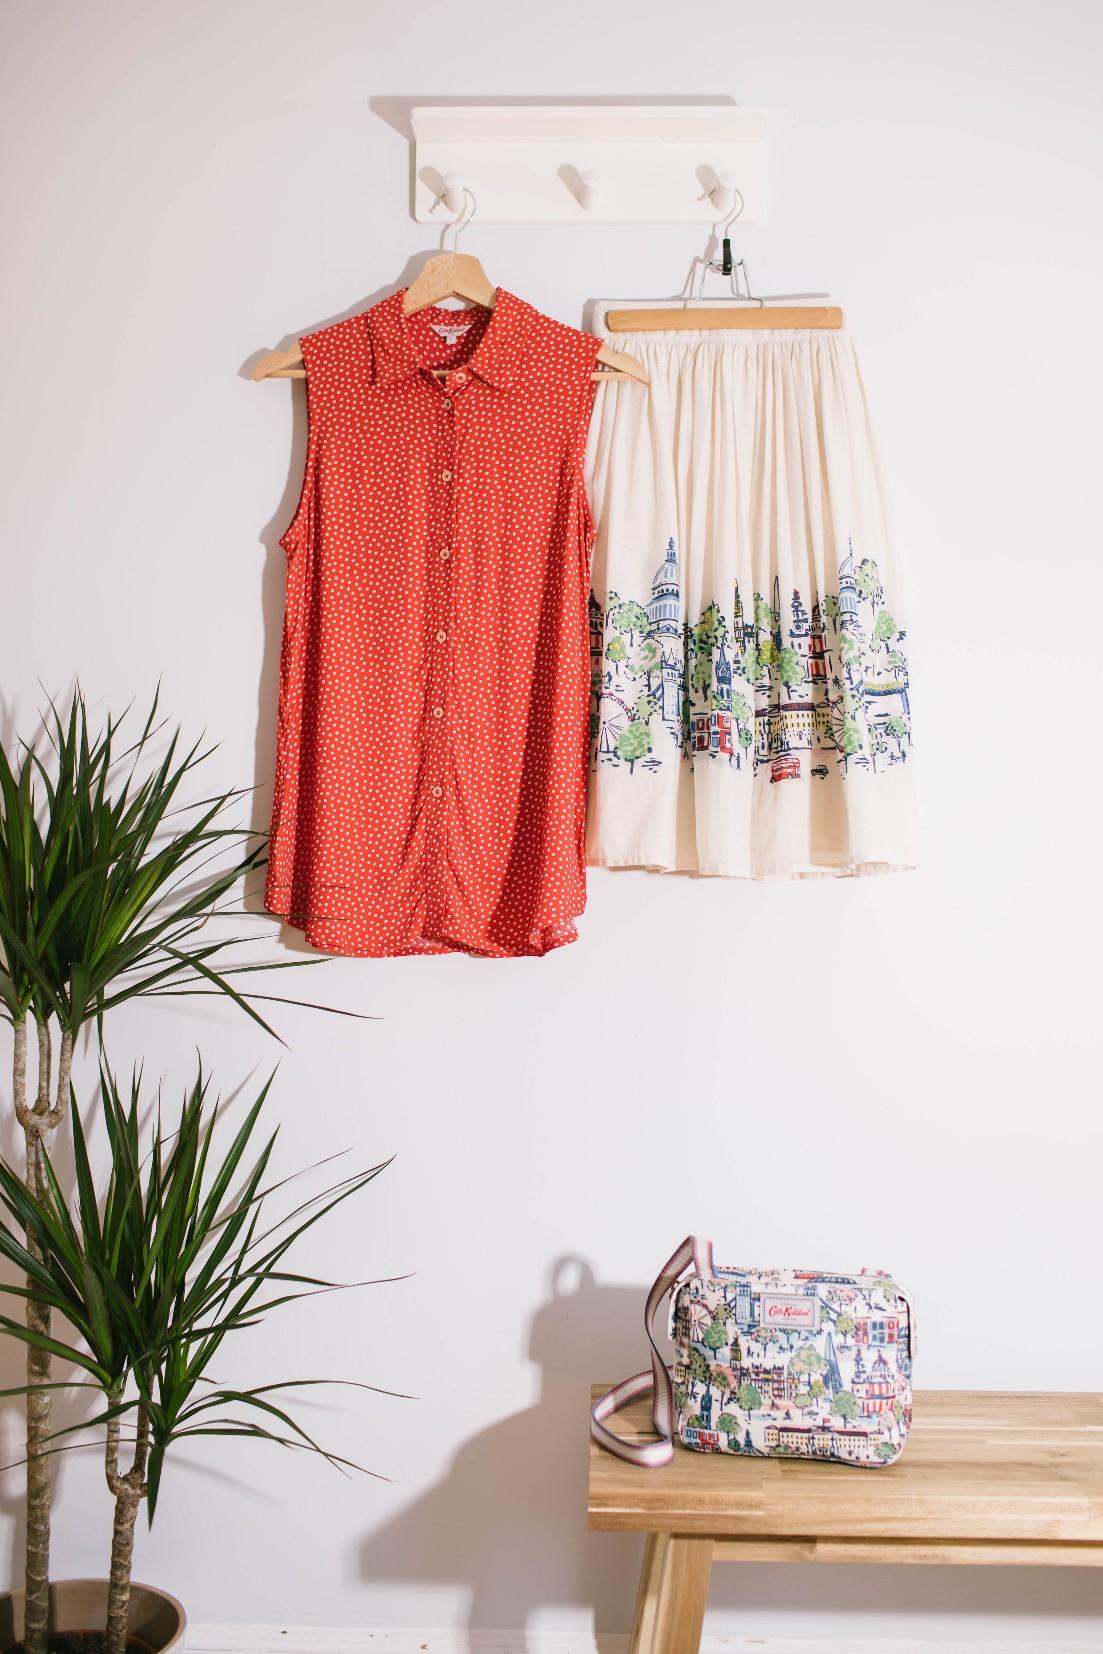 Khai trương cửa hàng thứ 2 tại Việt Nam - Cath Kidston mang đến phong cách đậm chất Anh Quốc - Ảnh 4.